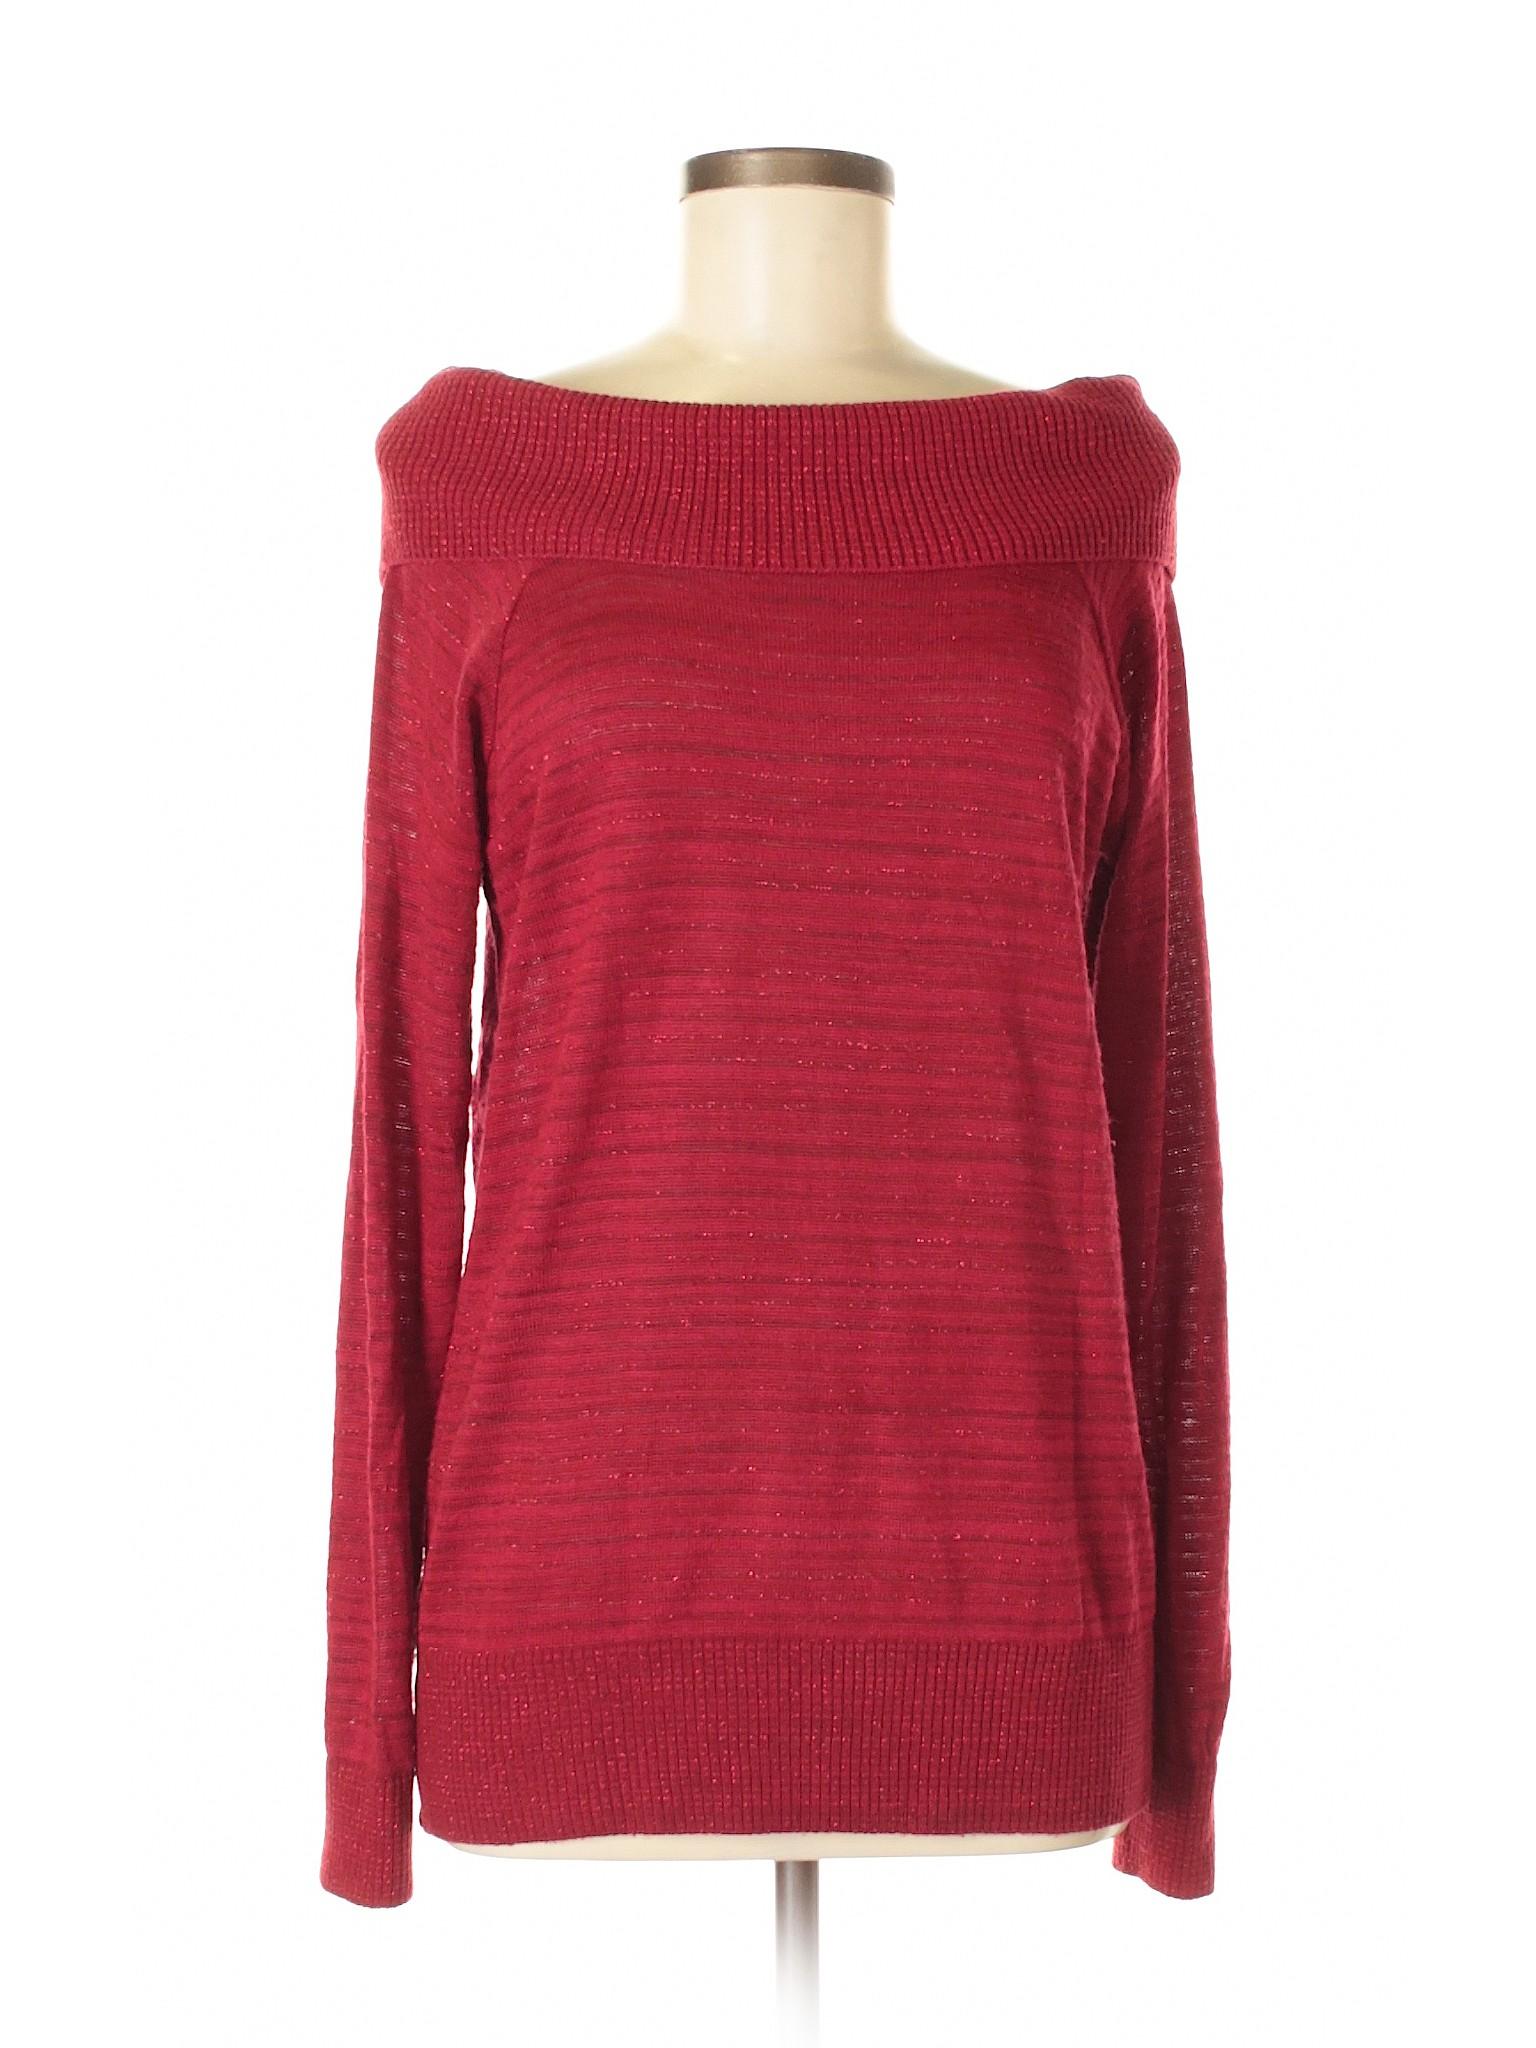 Sweater Boutique Boutique AB Pullover Boutique Sweater AB Studio Pullover Studio AB g4qv7